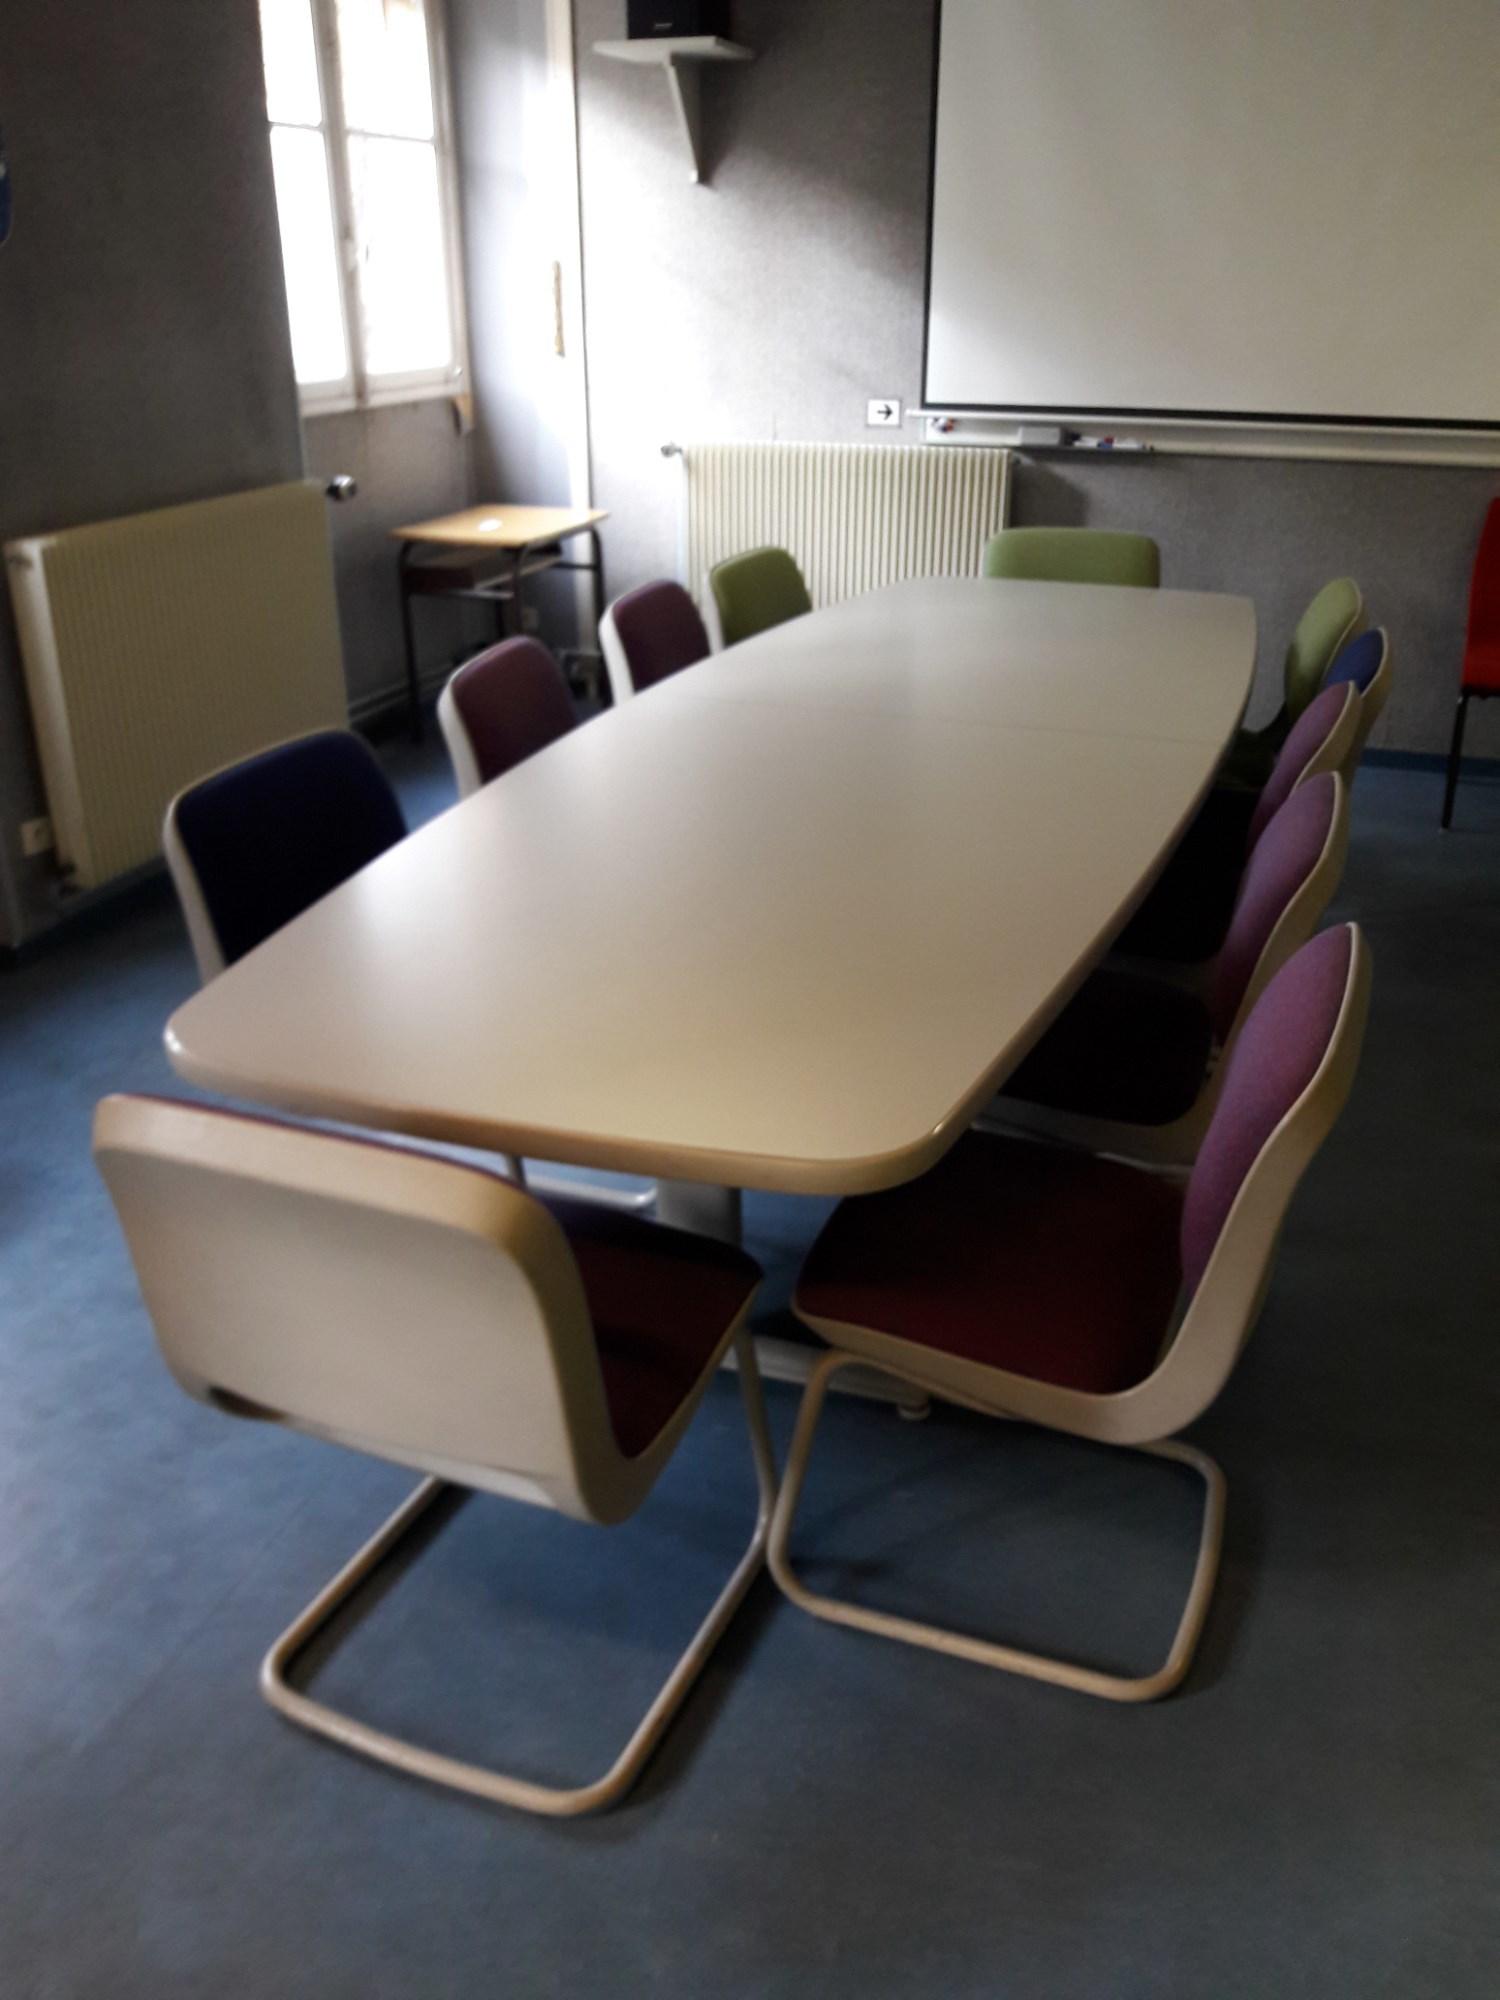 table de r union avec chaises table d 39 occasion aux ench res agorastore. Black Bedroom Furniture Sets. Home Design Ideas